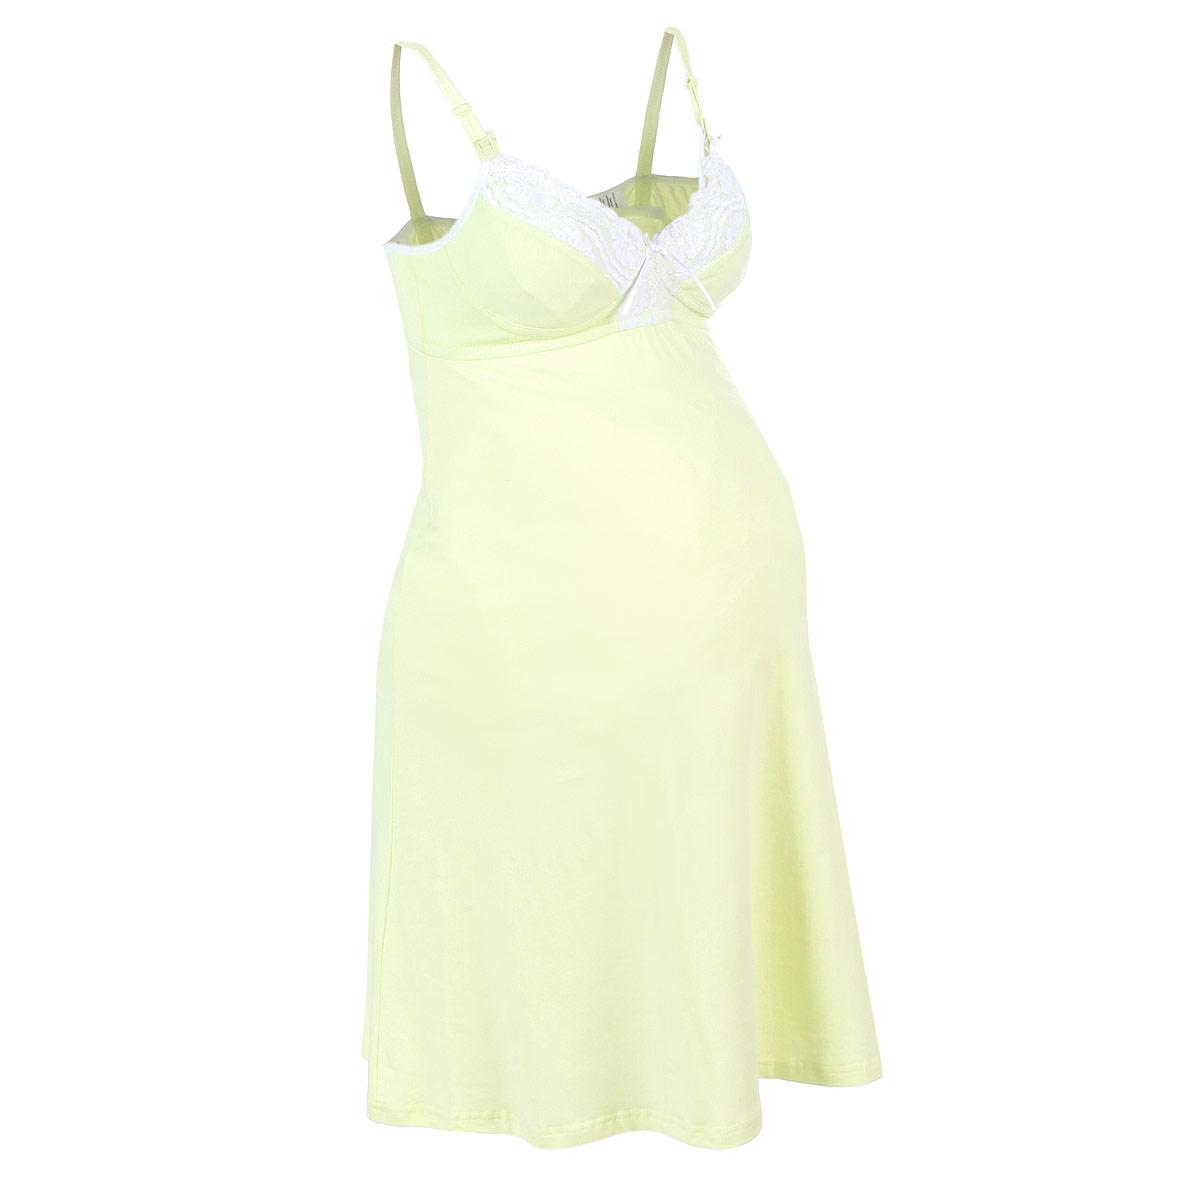 Сорочка ночная для беременных и кормящих Мамин Дом Avocado, цвет: авокадо. 24135. Размер 75Е24135Удобная, красивая ночная сорочка для беременных и кормящих Avocado, изготовленная из эластичного хлопка, женственна и элегантна. Натуральная и деликатная ткань обеспечивает комфортный сон и удобное кормление.Модель на тонких бретелях с V-образным вырезом горловины дополнена мягким и эластичным бюстгальтером с усиленной поддержкой, и украшена на груди атласным бантом. Бретельки регулируются по длине и спереди легко отстегиваются благодаря пластиковым клипсам, что позволяет в любой момент быстро и легко покормить малыша. Свободный крой позволяет носить ночную сорочку, как во время беременности, так и после родов. Такая сорочка сделает сон и отдых будущей мамы комфортным. Одежда, изготовленная из хлопка, приятна к телу, сохраняет тепло в холодное время года и дарит прохладу в теплое, позволяет коже дышать.